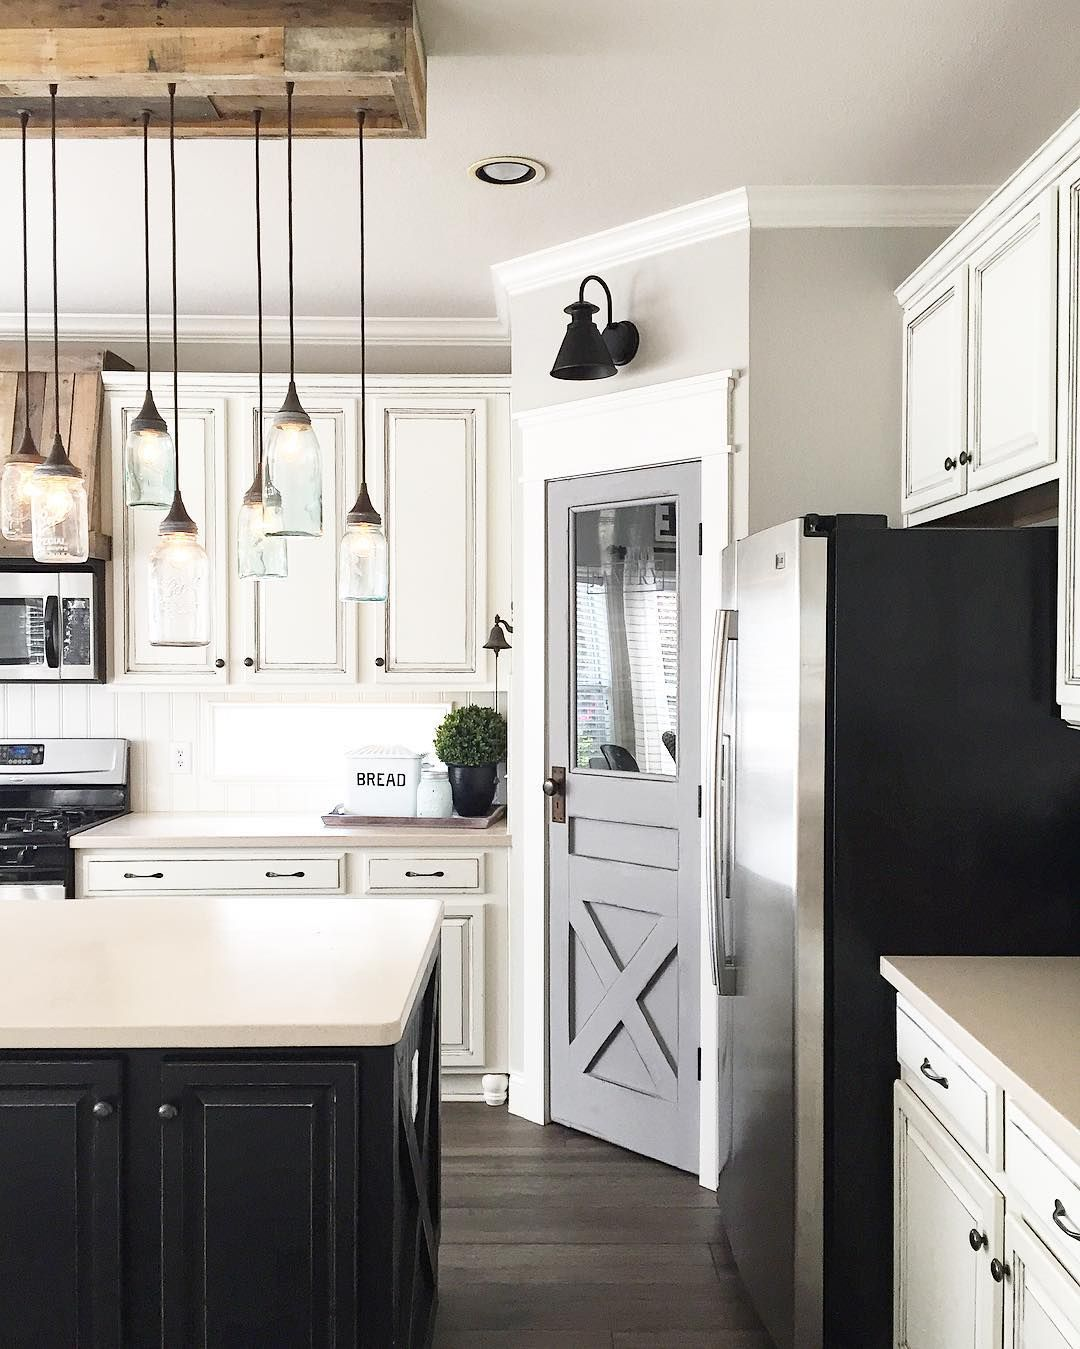 Erfreut Küchendesign Co Madison Nj Bilder - Ideen Für Die Küche ...